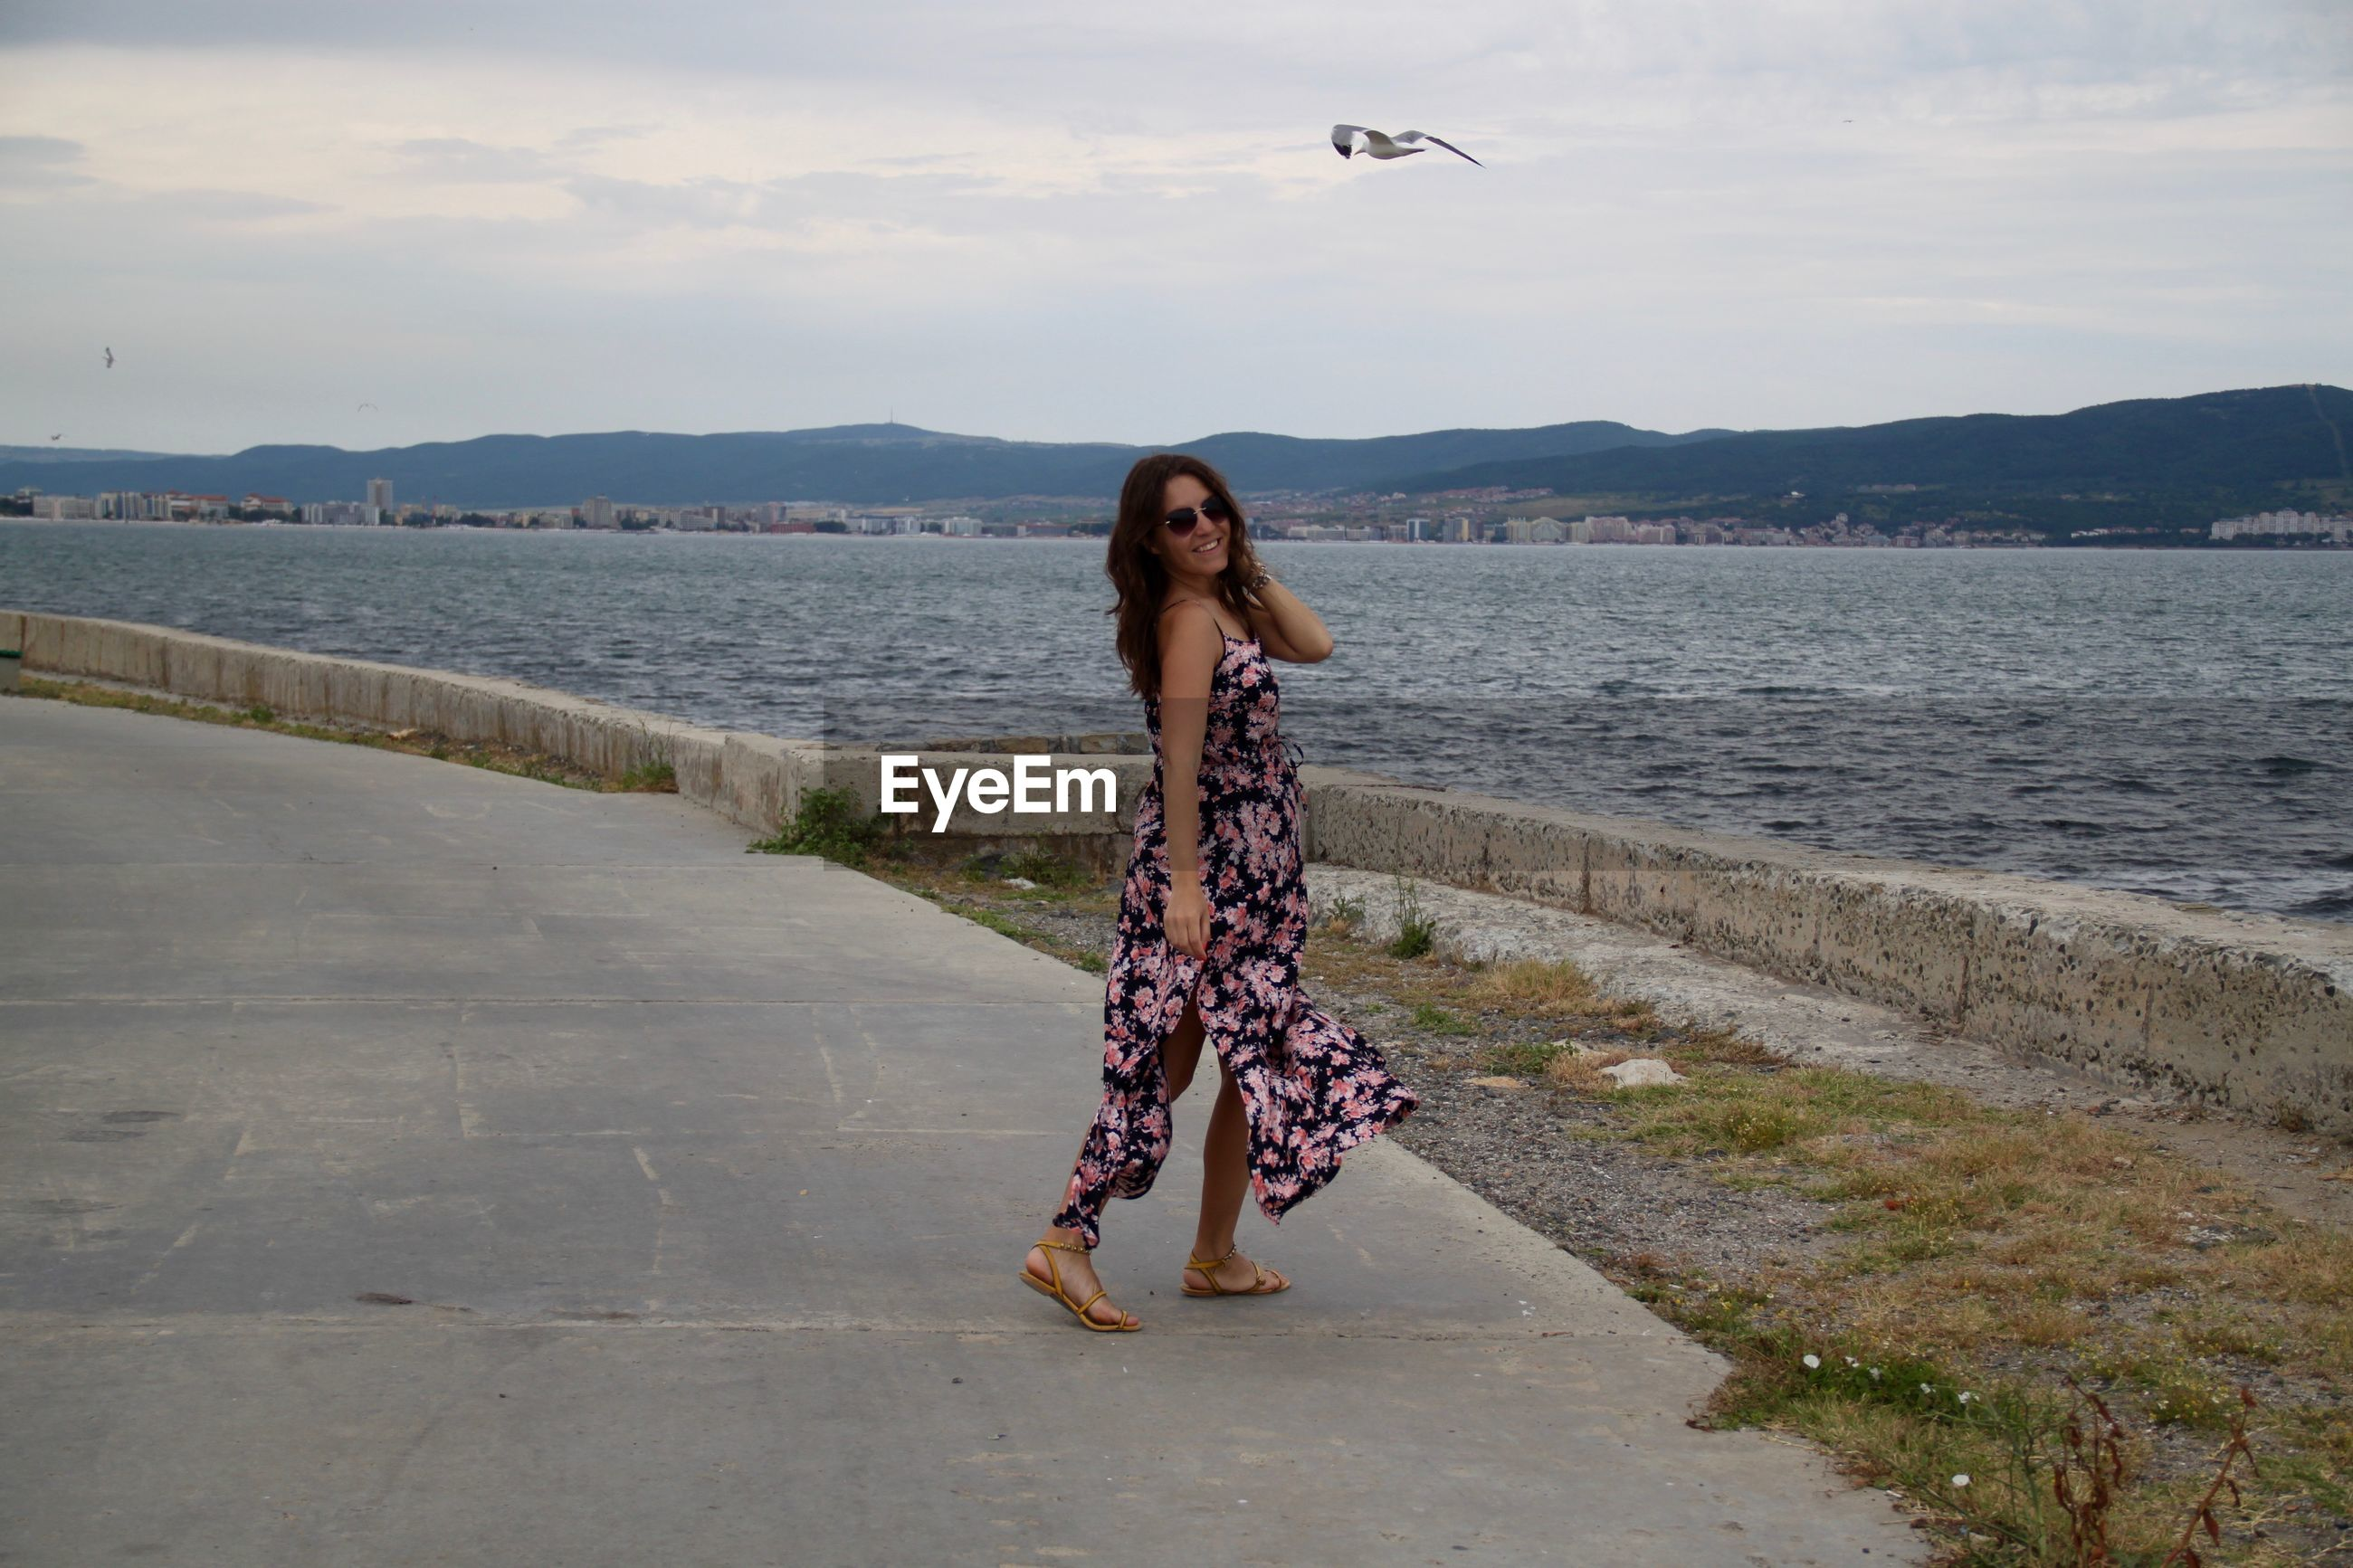 Happy woman wearing floral dress walking on promenade by sea against sky